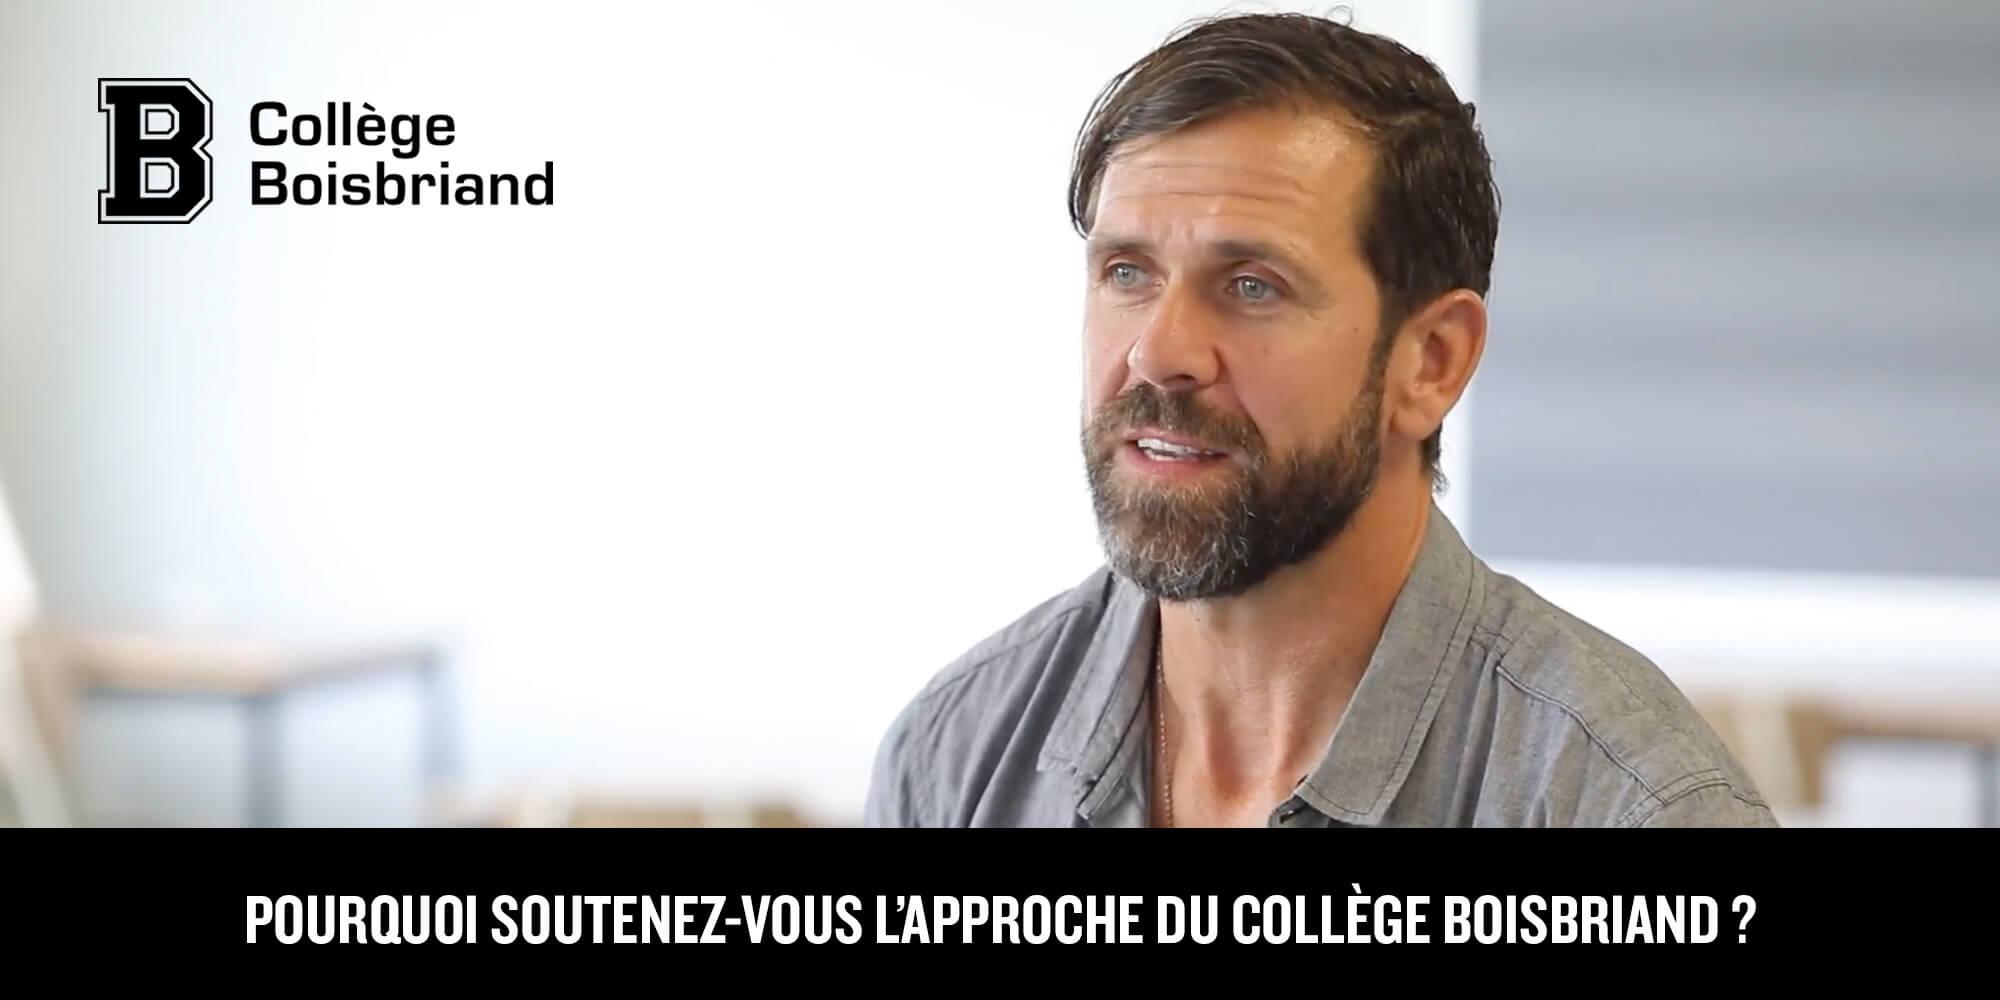 L'approche du collège Boisbriand